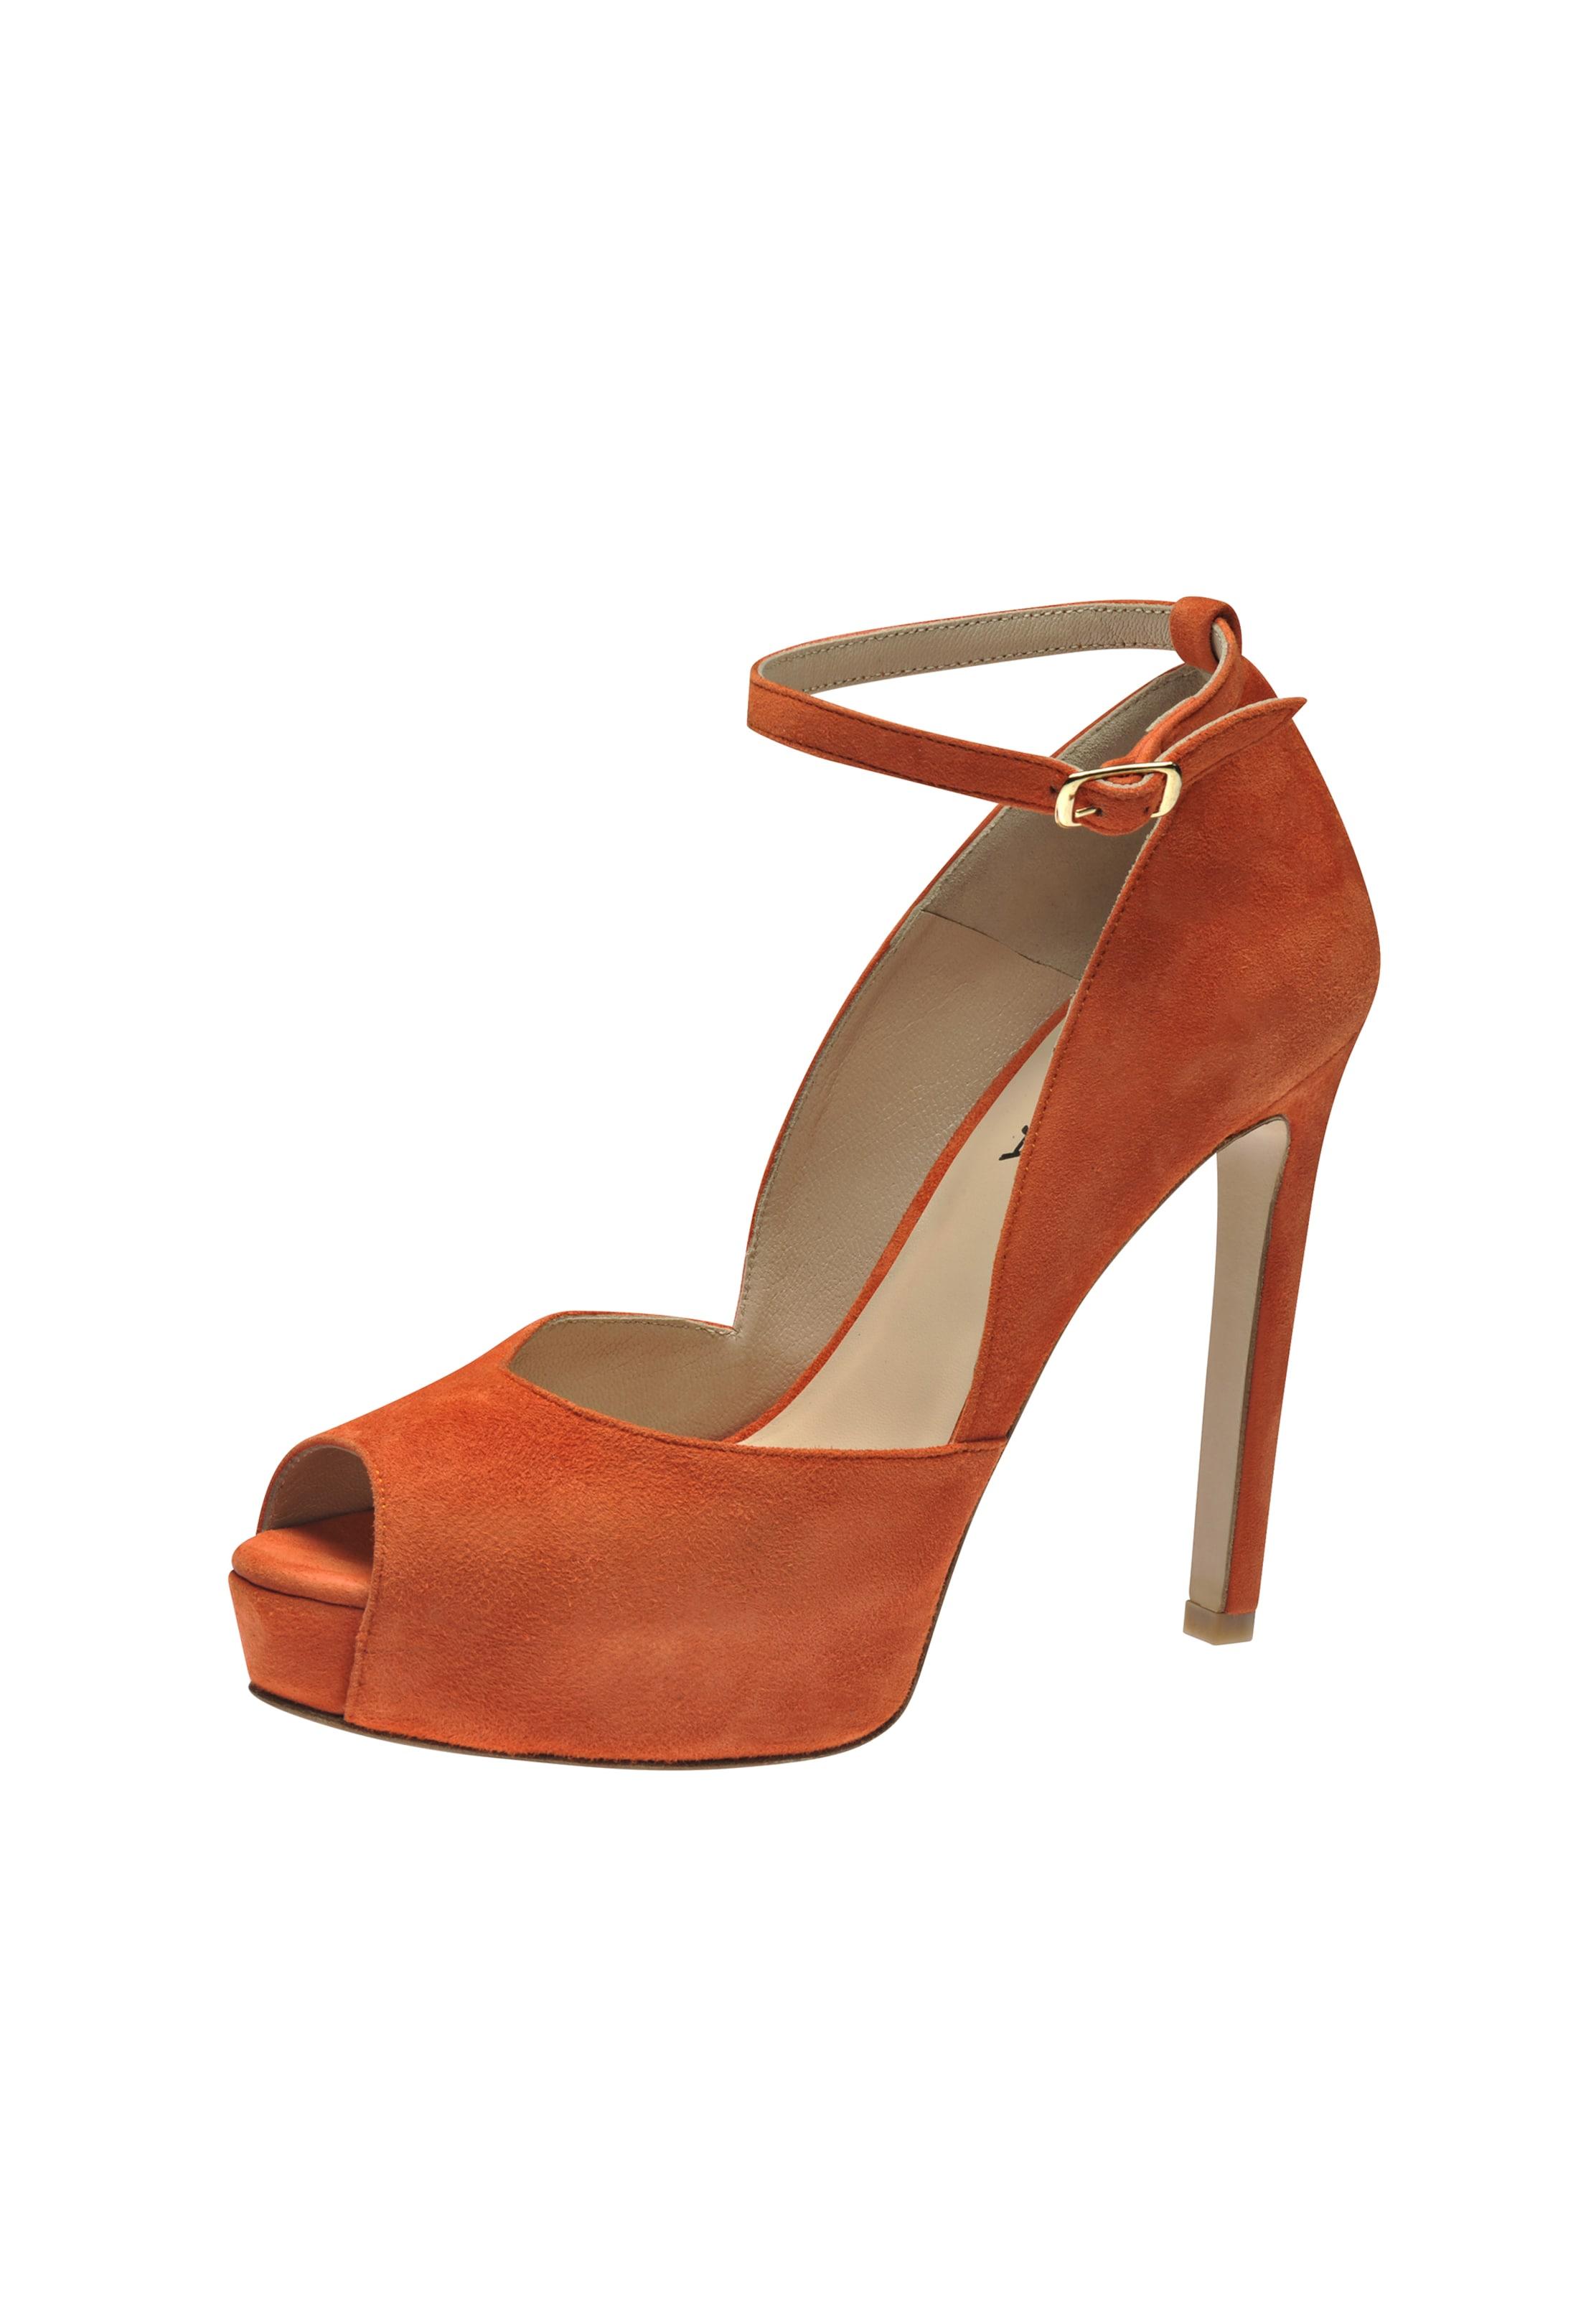 Evita Orange Orange Evita En En En Fluo Escarpins Evita Fluo Escarpins Escarpins 8NnOPX0wk